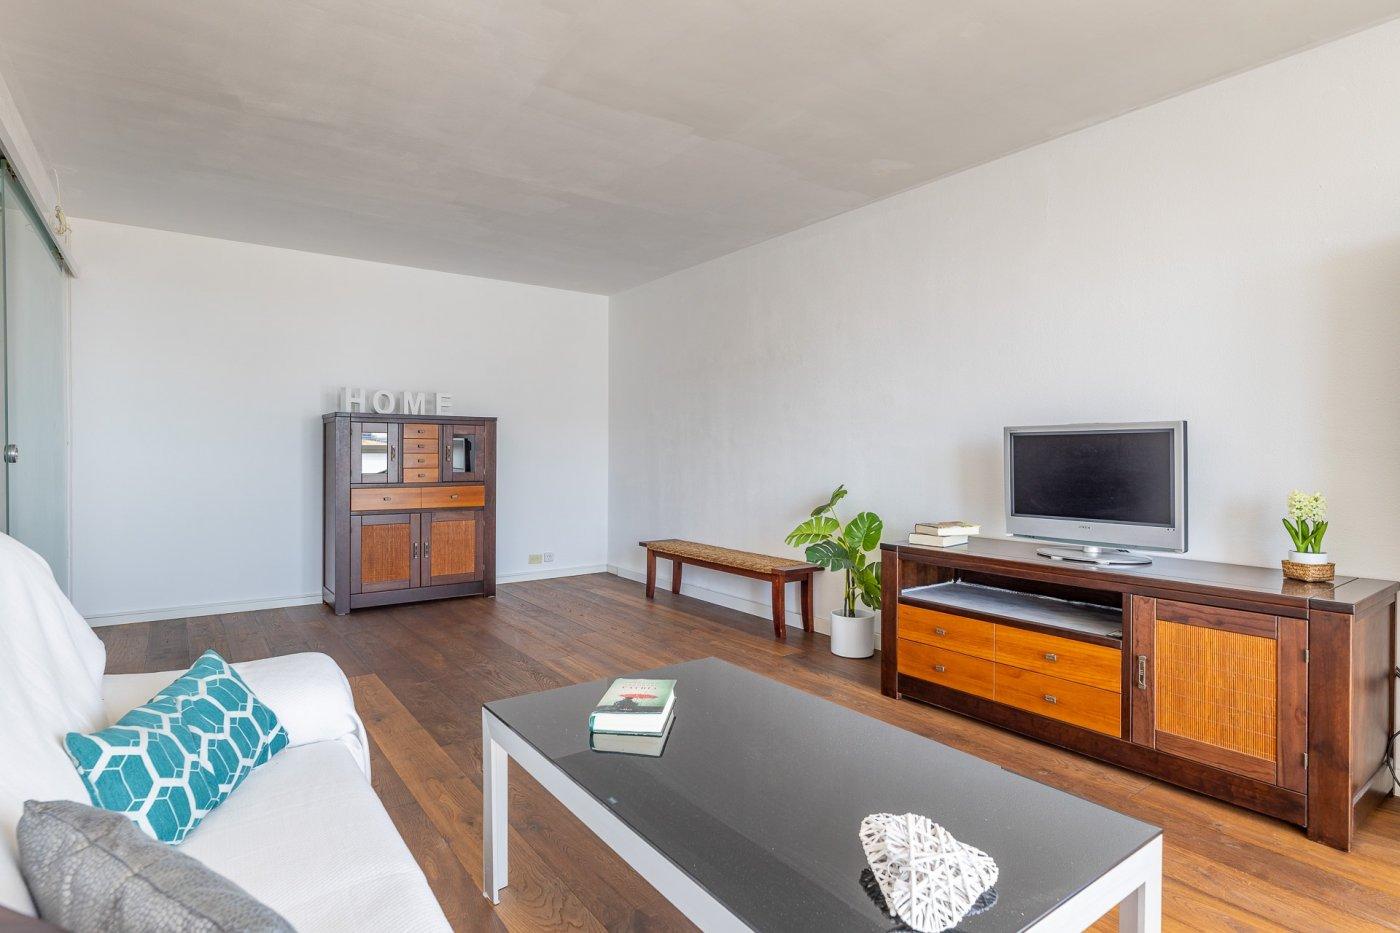 Coqueto apartamento cerca de porto pi, palma - imagenInmueble4